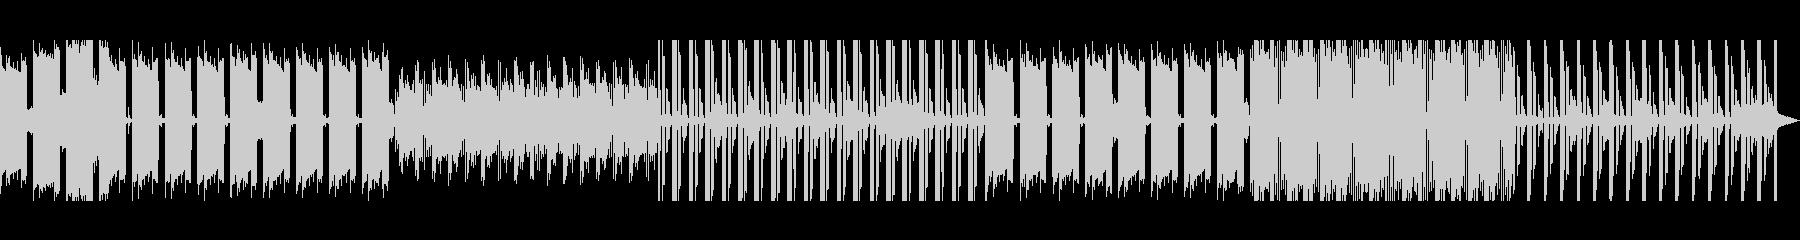 ポップなエレクトロの未再生の波形